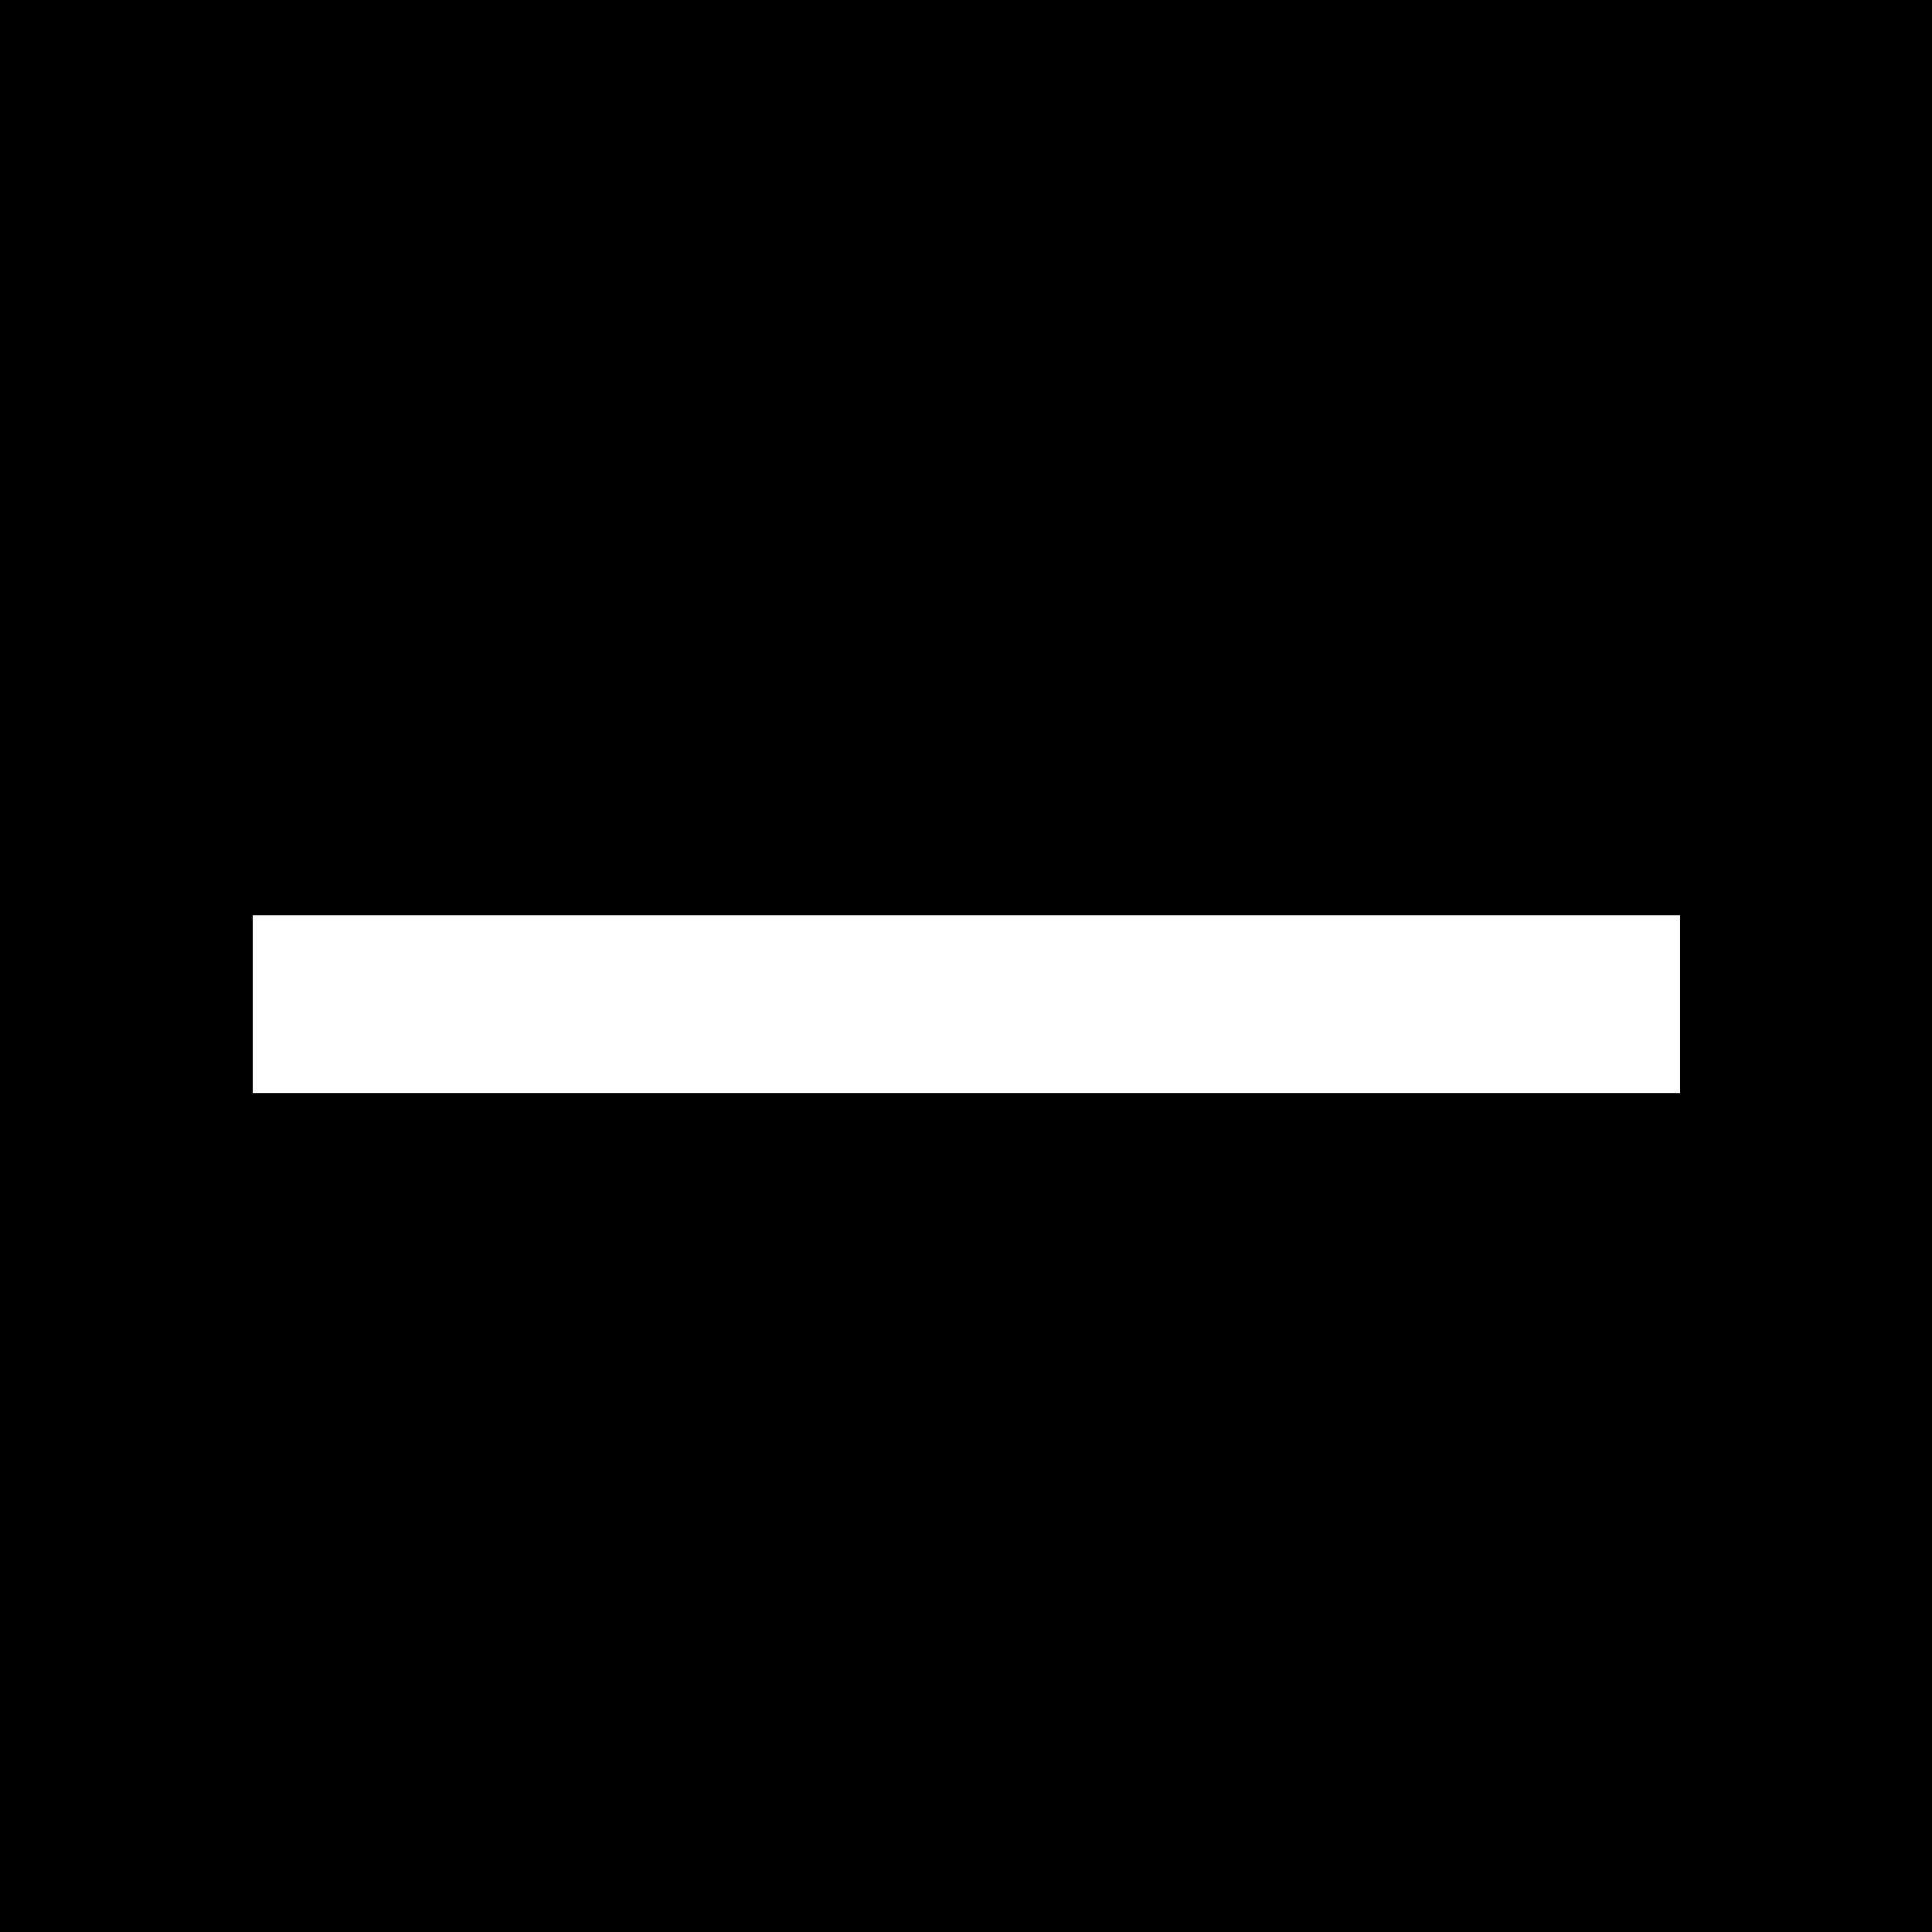 Deadline_logo_inverted.png